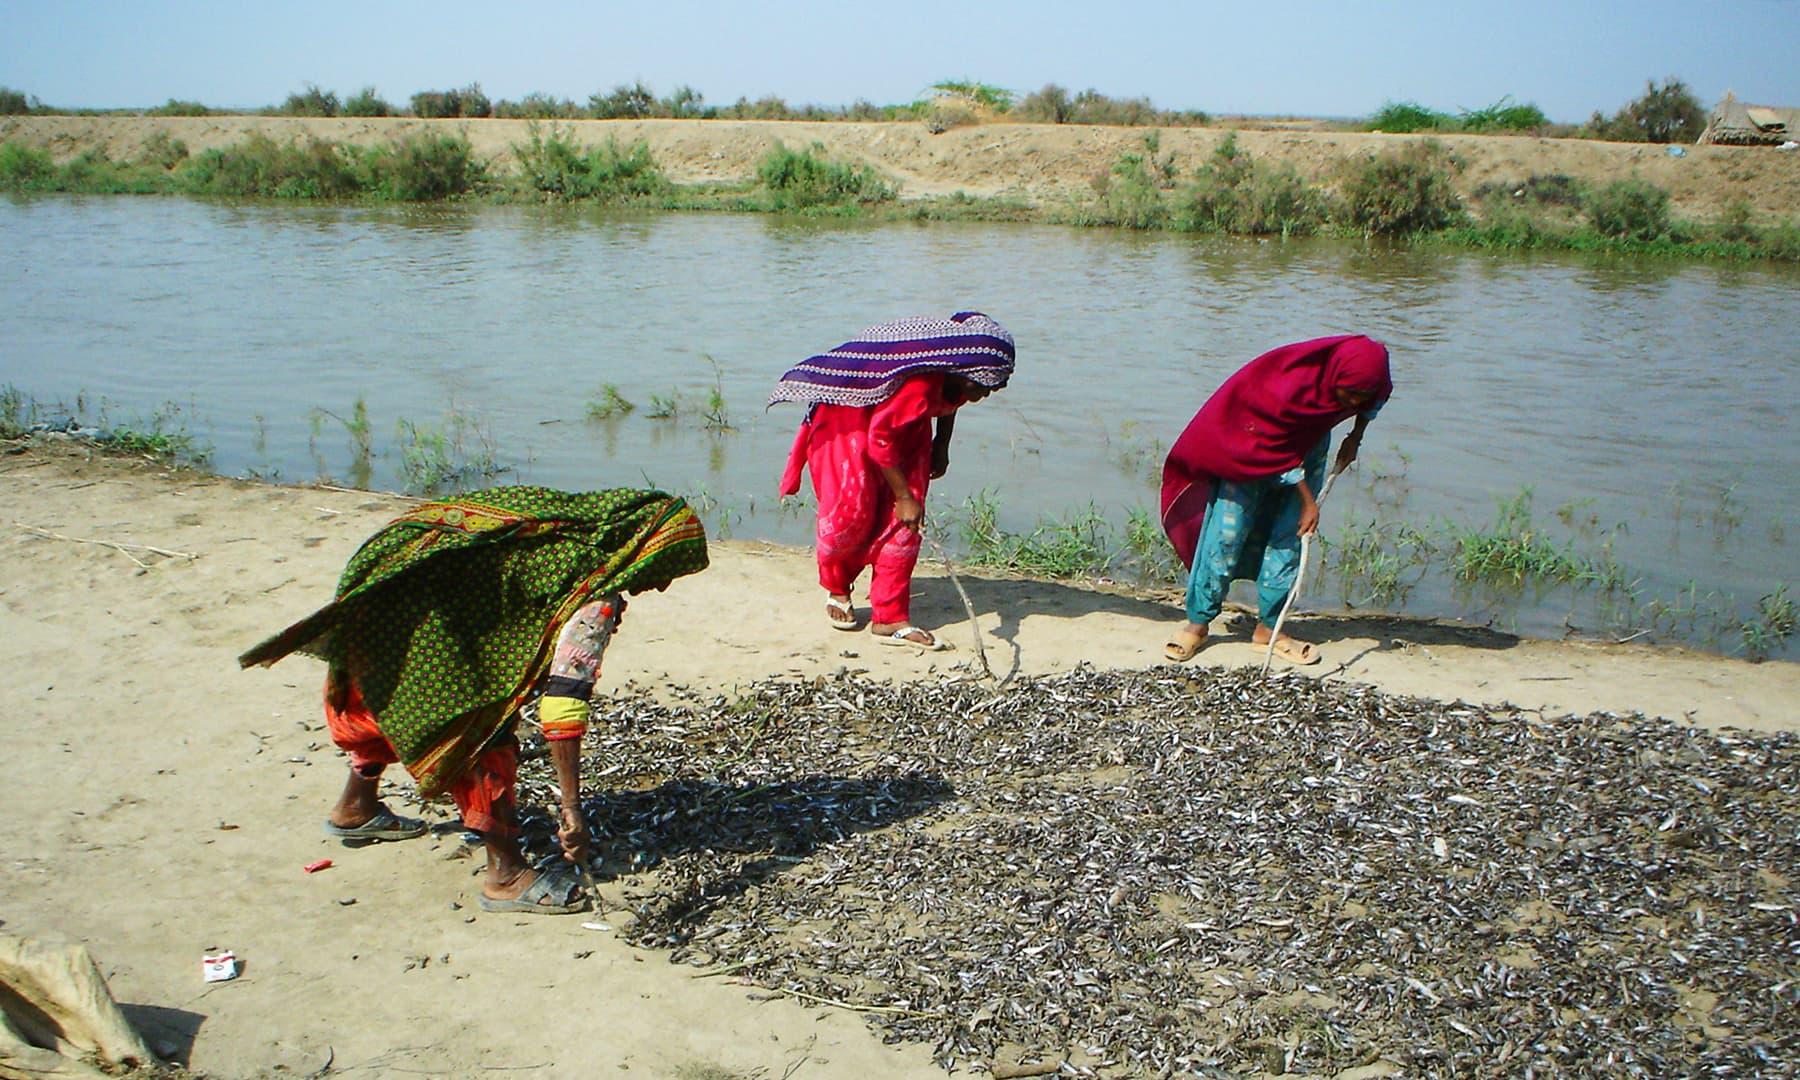 چھوٹی مچھلیوں کو دھوپ میں سکھانے کے لیے رکھ دیا جاتا ہے — تصویر ابوبکر شیخ